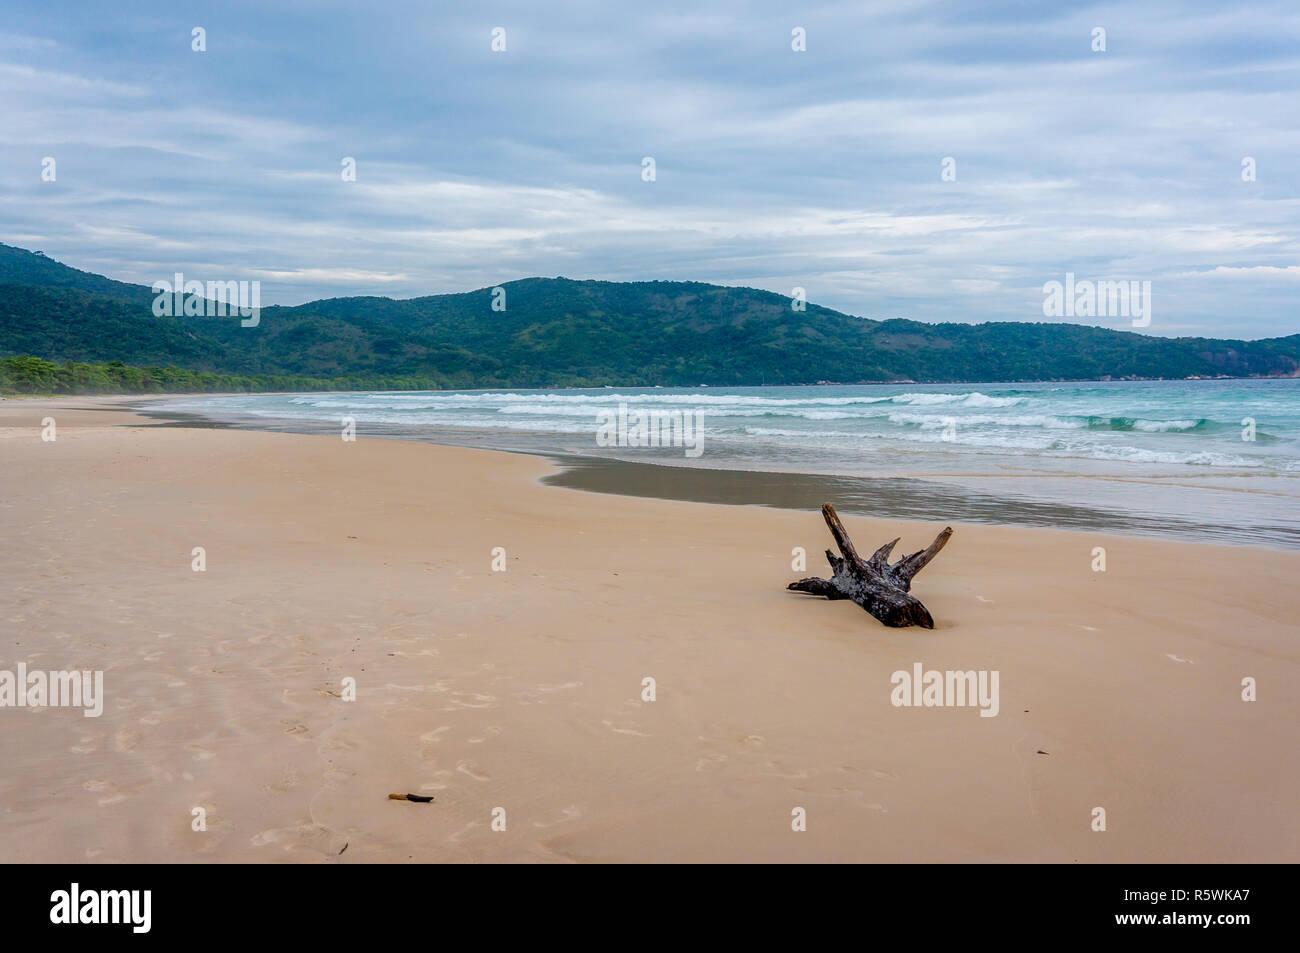 Deserted Lopes Mendes beach, Ilha Grande, Brazil - Stock Image